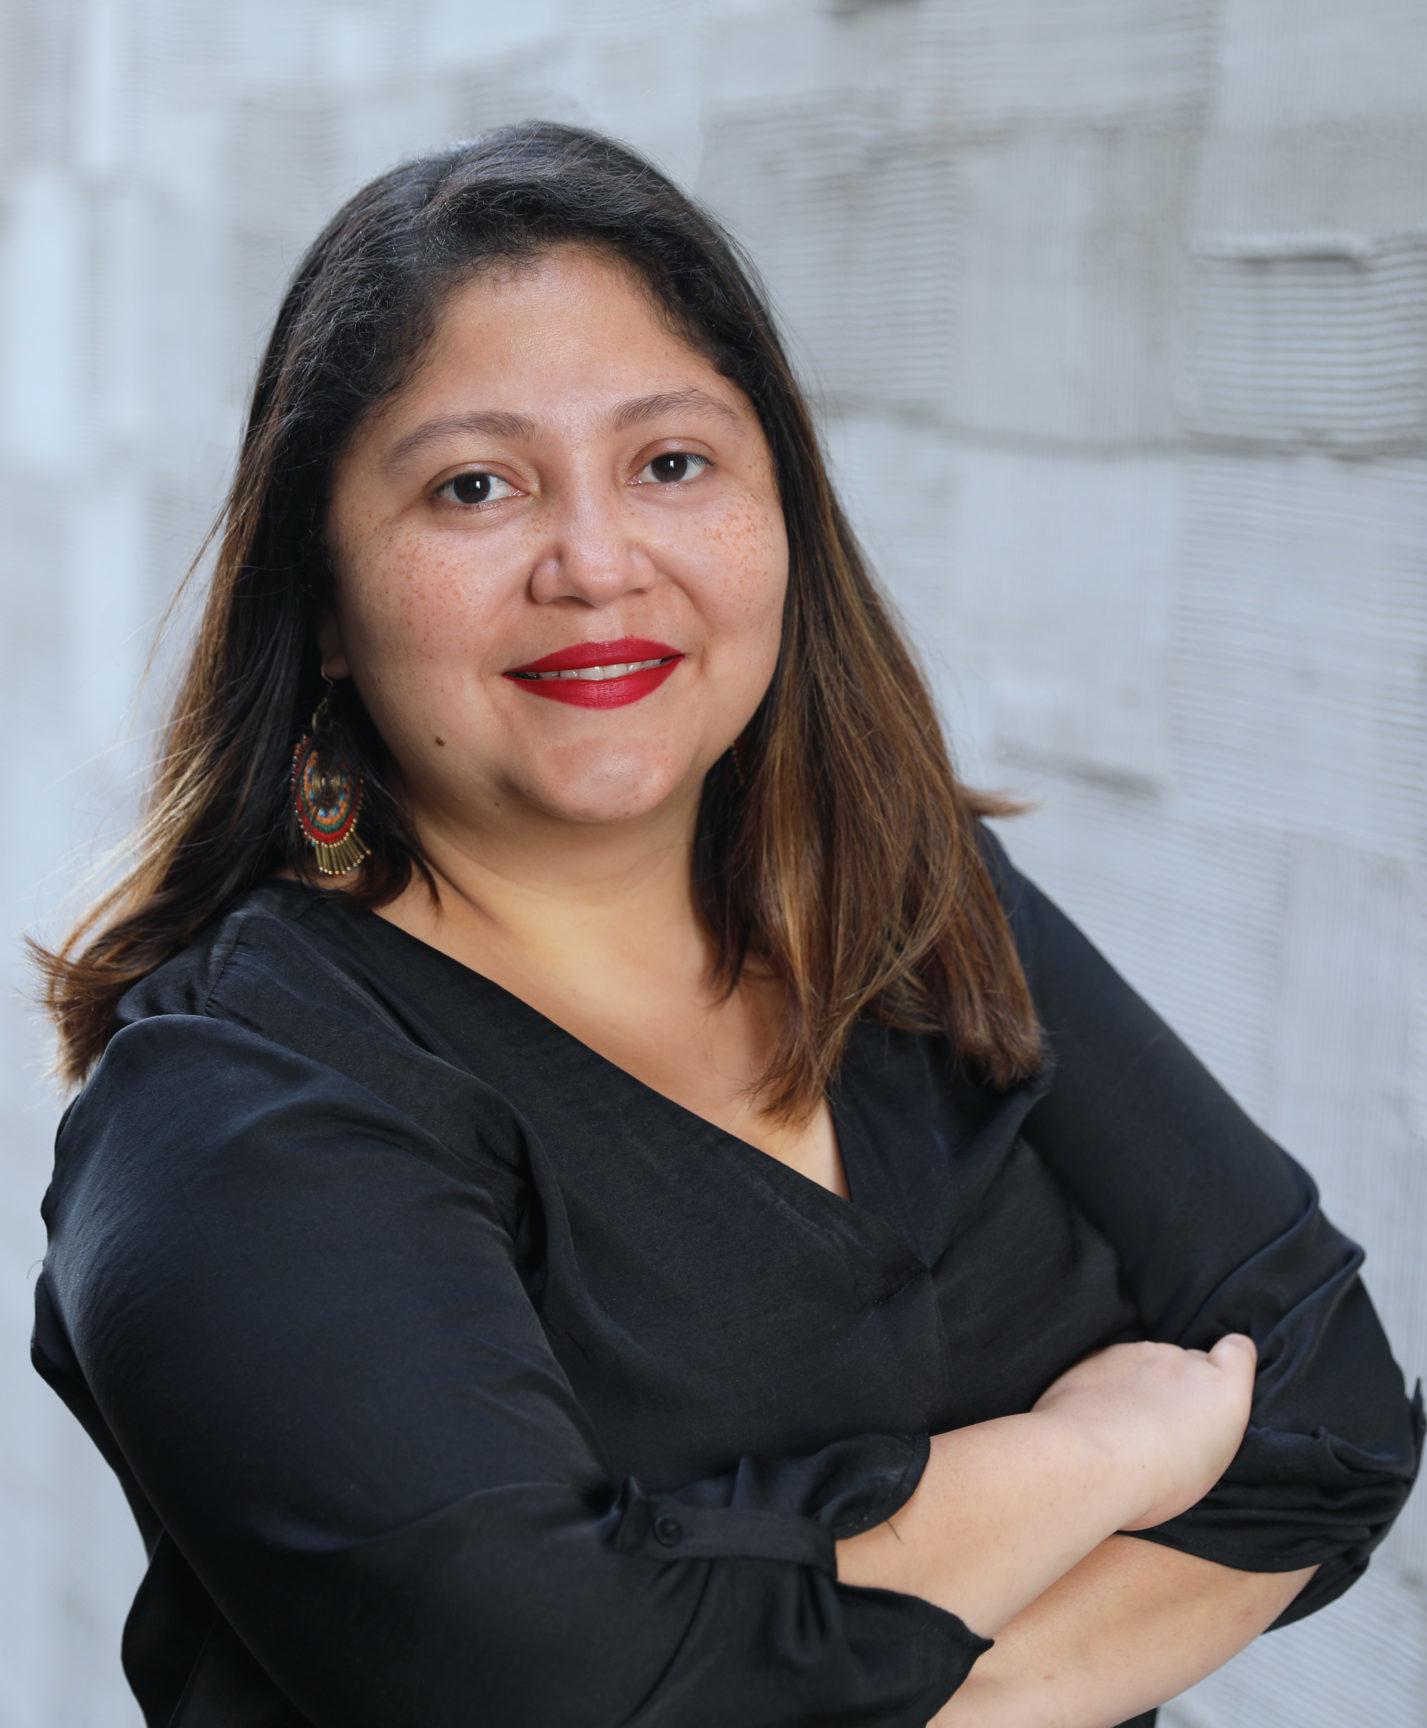 Diana Quirós Villalobos